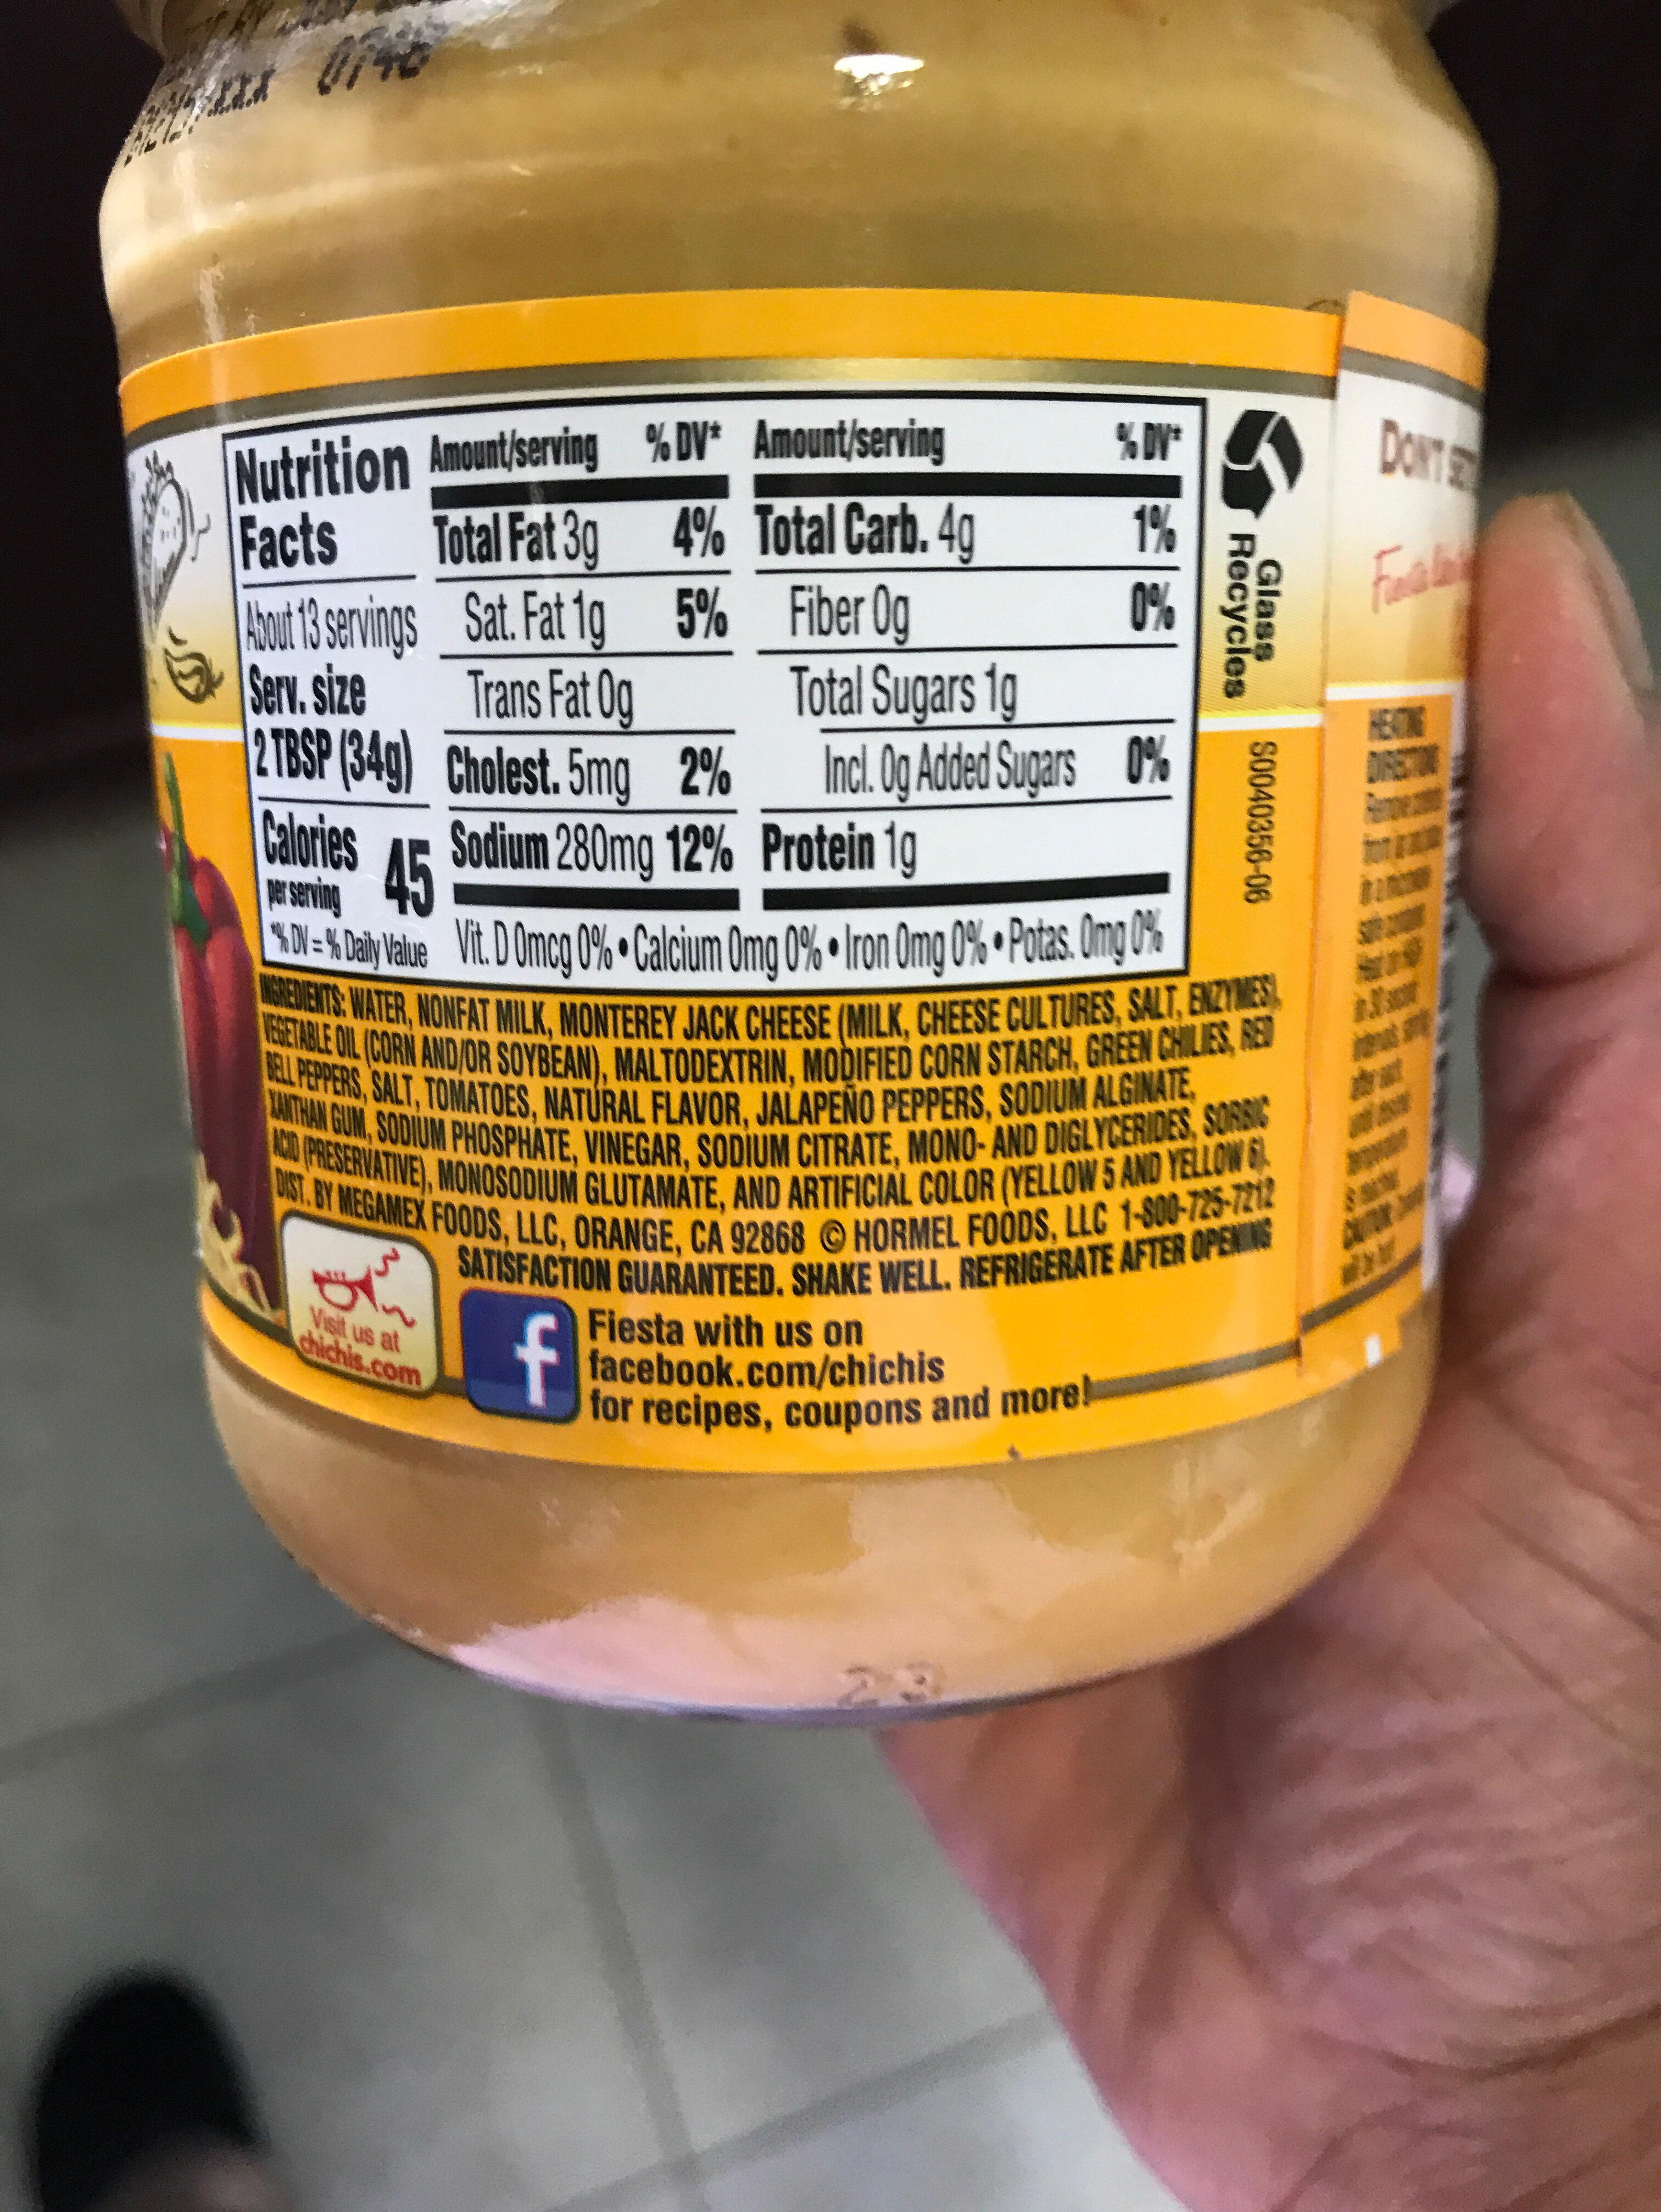 Salsa con queso - Ingredients - en